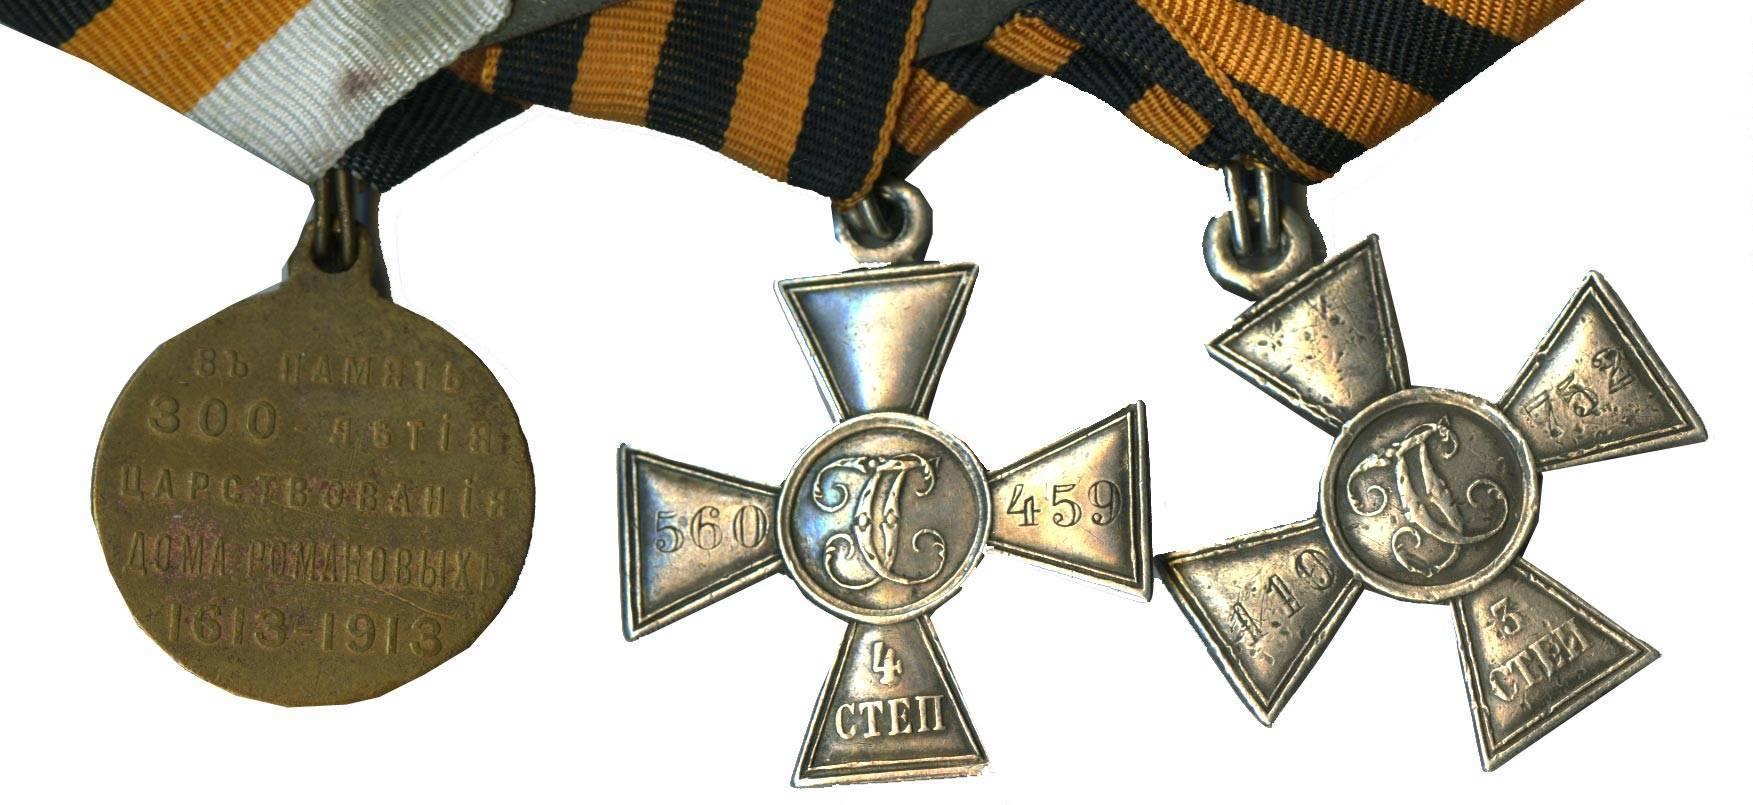 «сей орден никогда не снимать»: пять фактов из истории военного ордена святого георгия